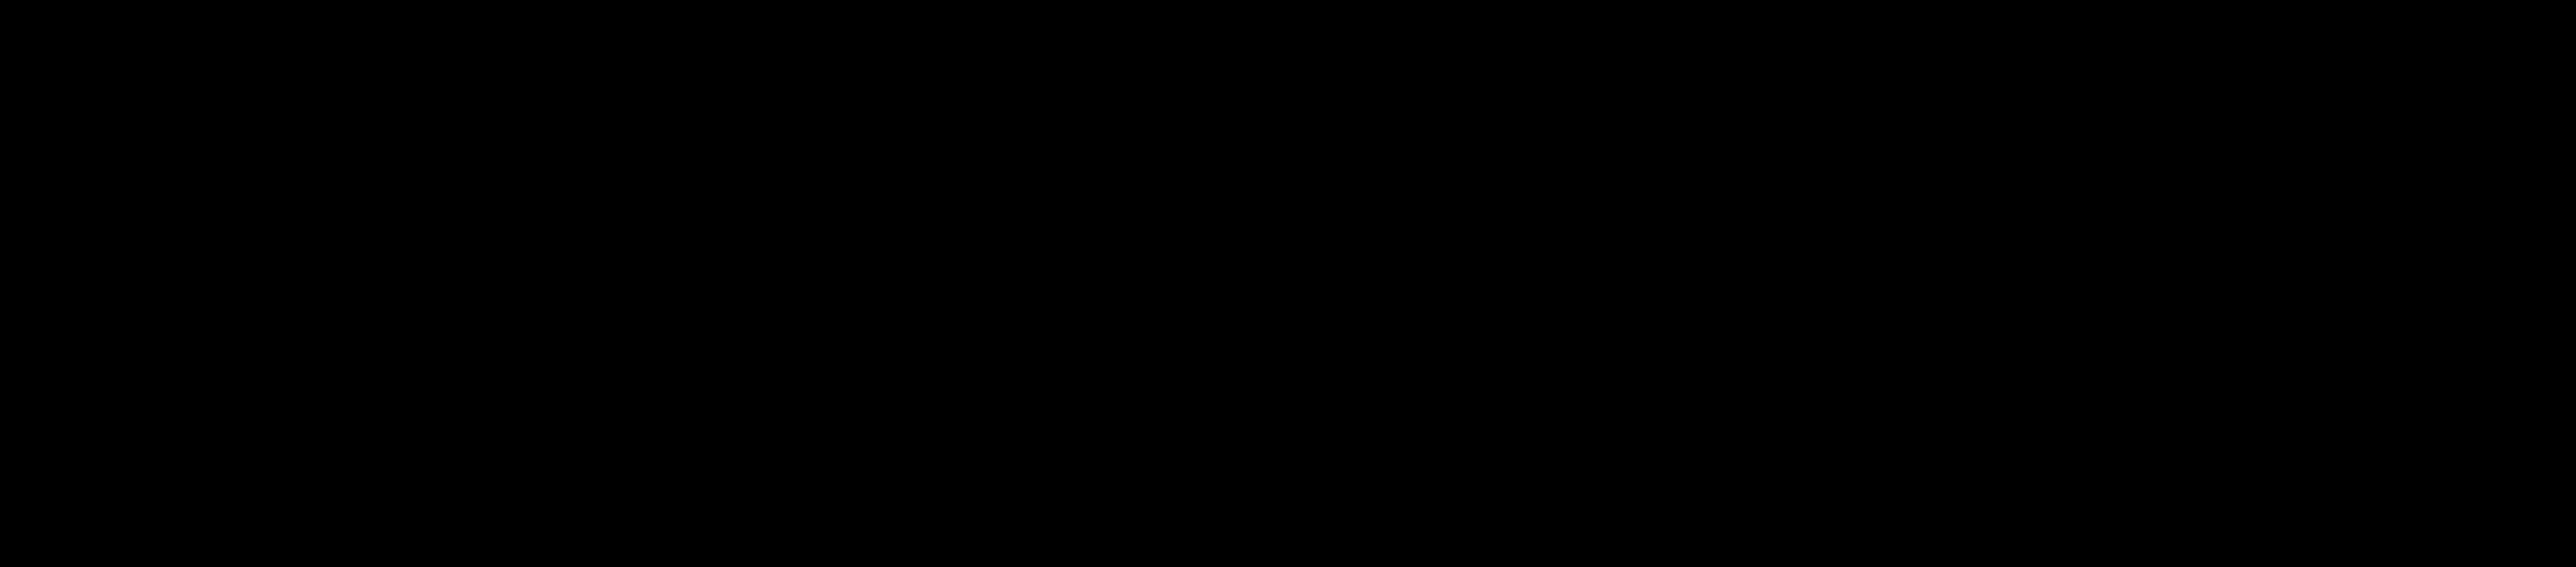 Menaquinone 7-d<sub>7</sub> 2,3-Epoxide